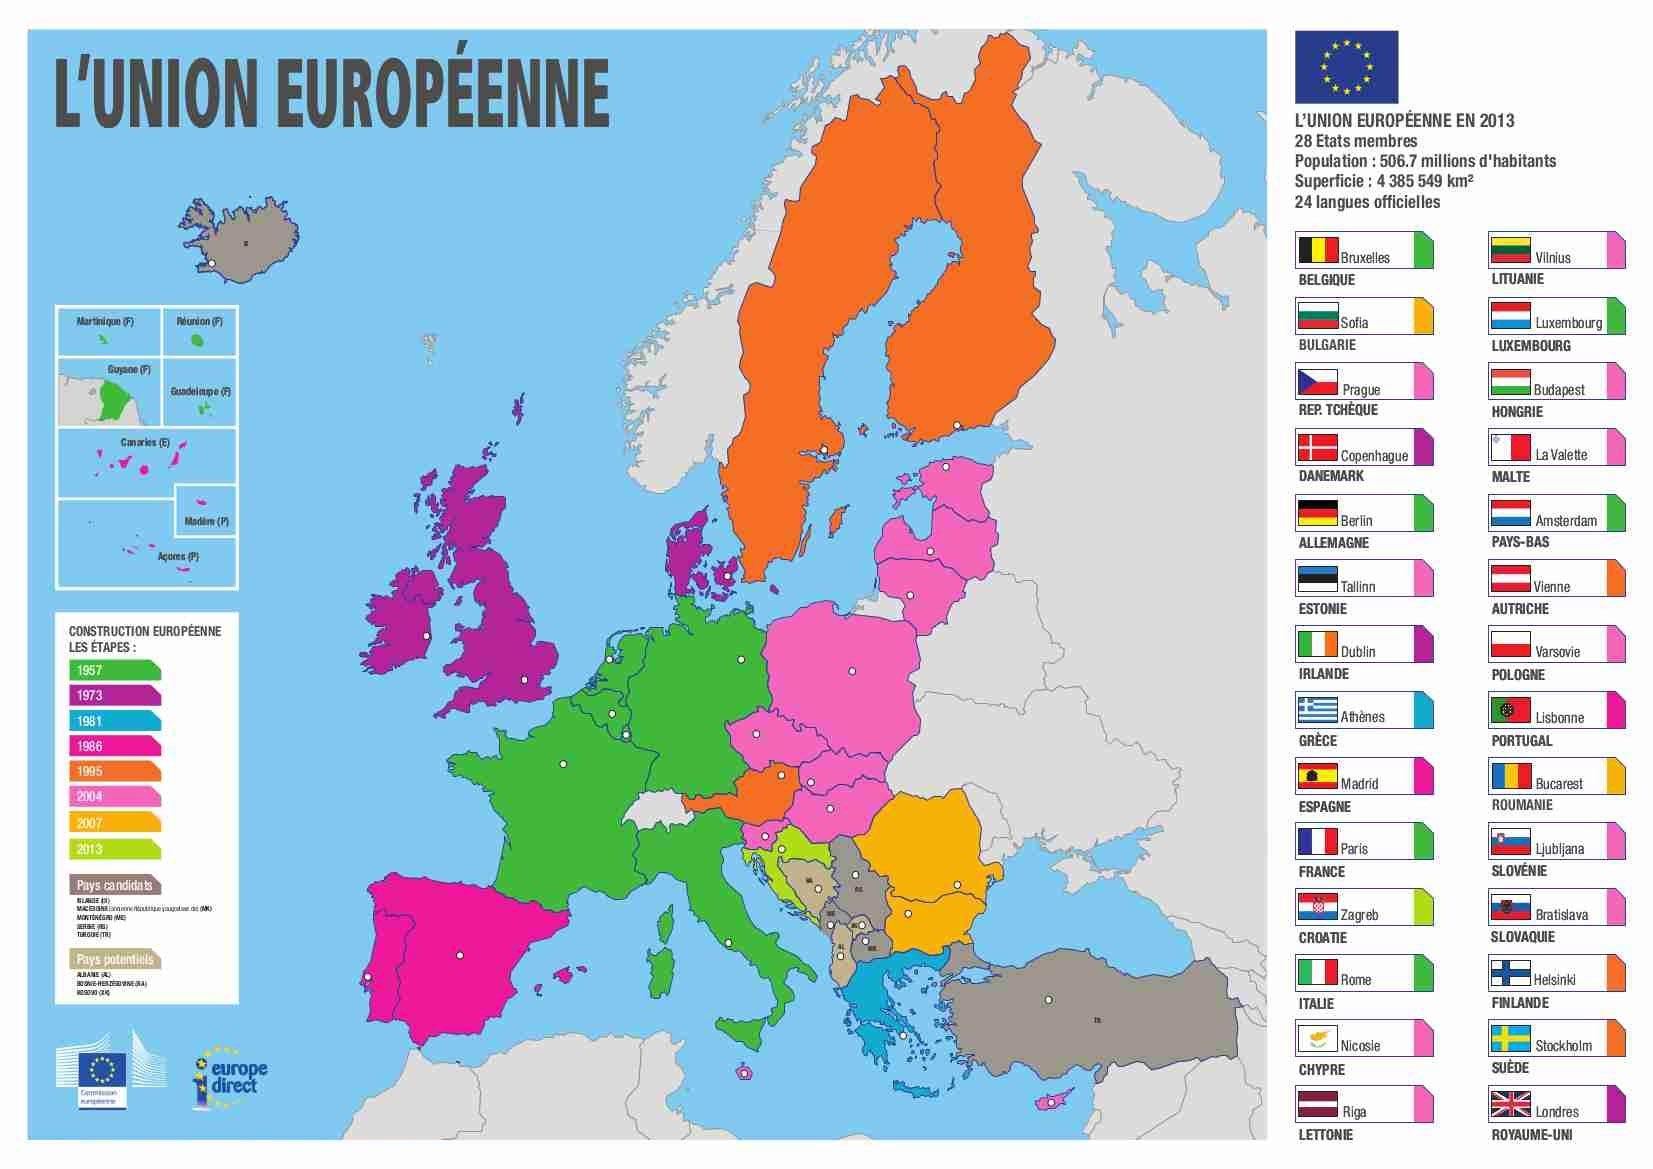 Union Européenne - Arts Et Voyages avec Carte Des Pays De L Union Européenne